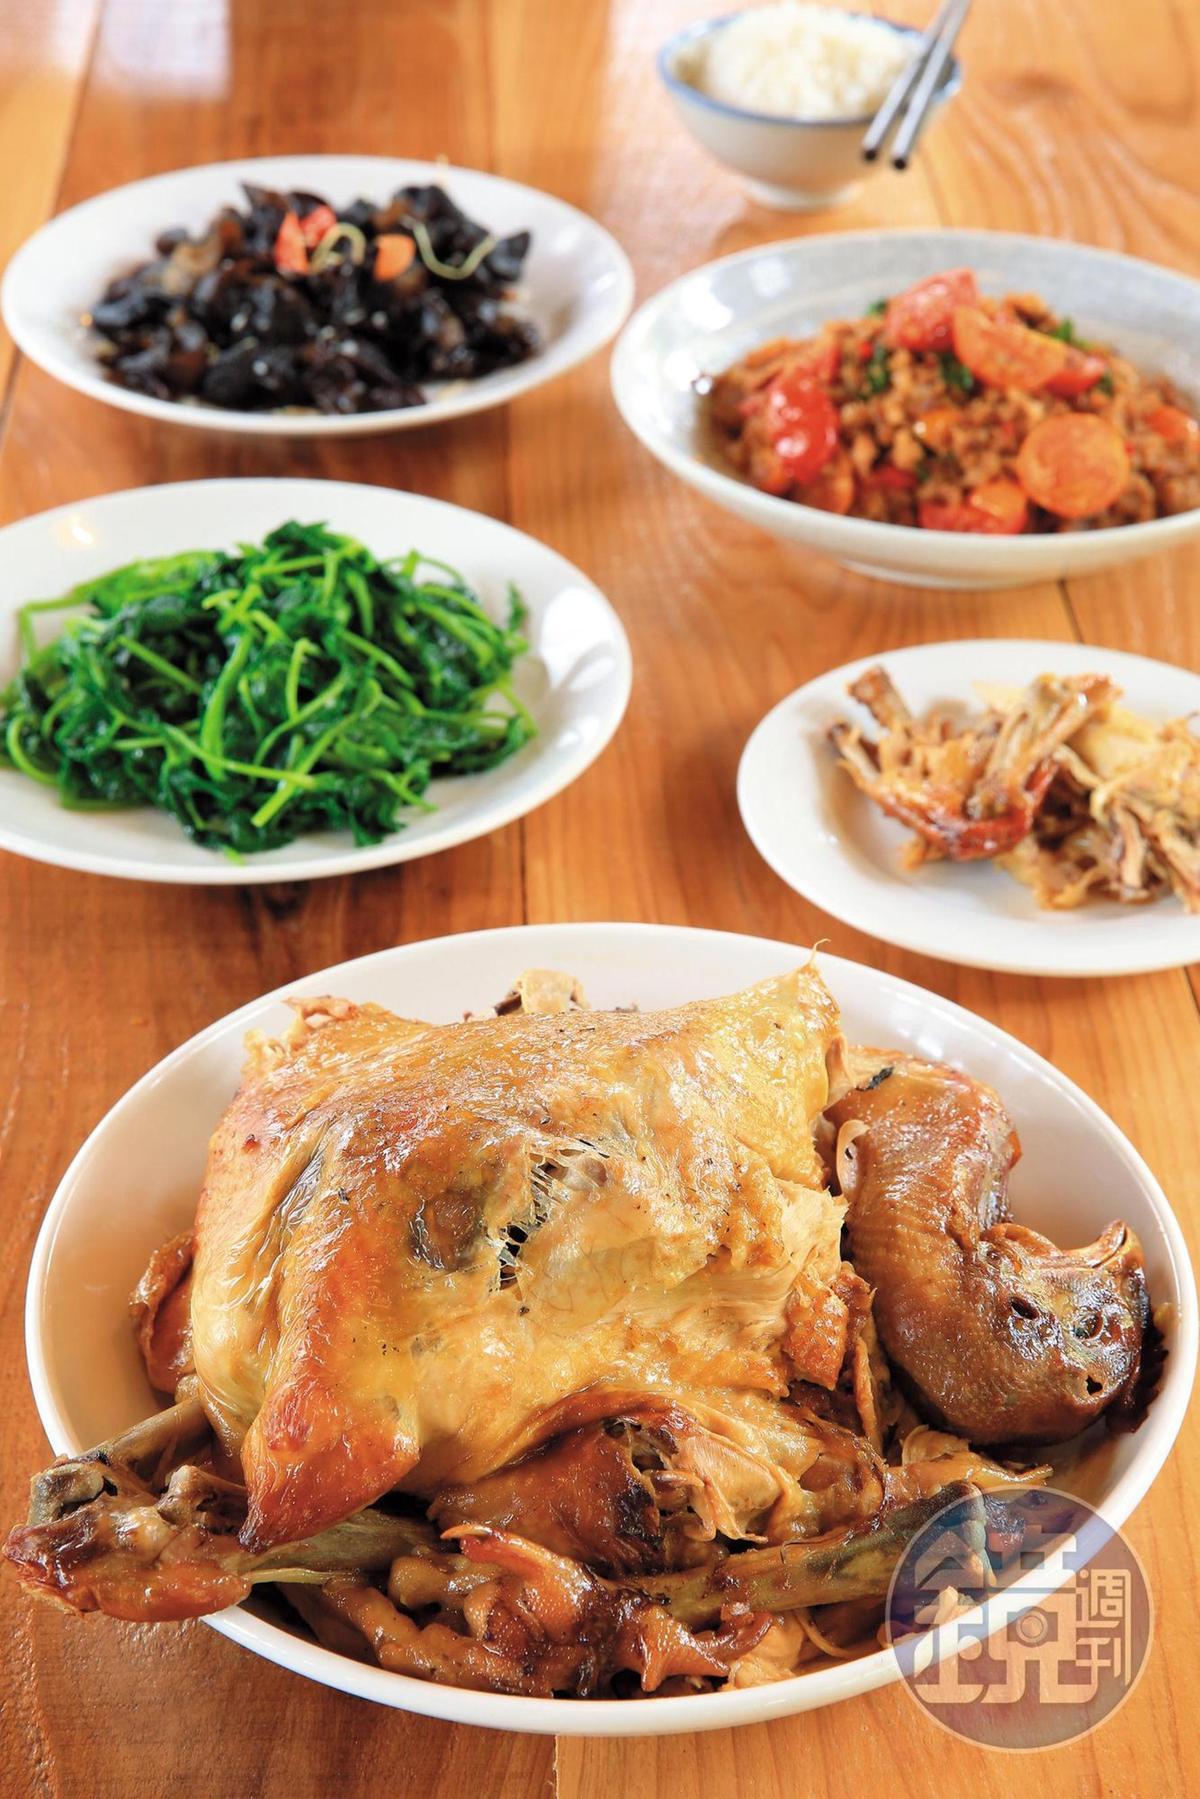 民宿晚餐沒菜單,依時令端出家常菜。(400元起/人,需預約,限房客)